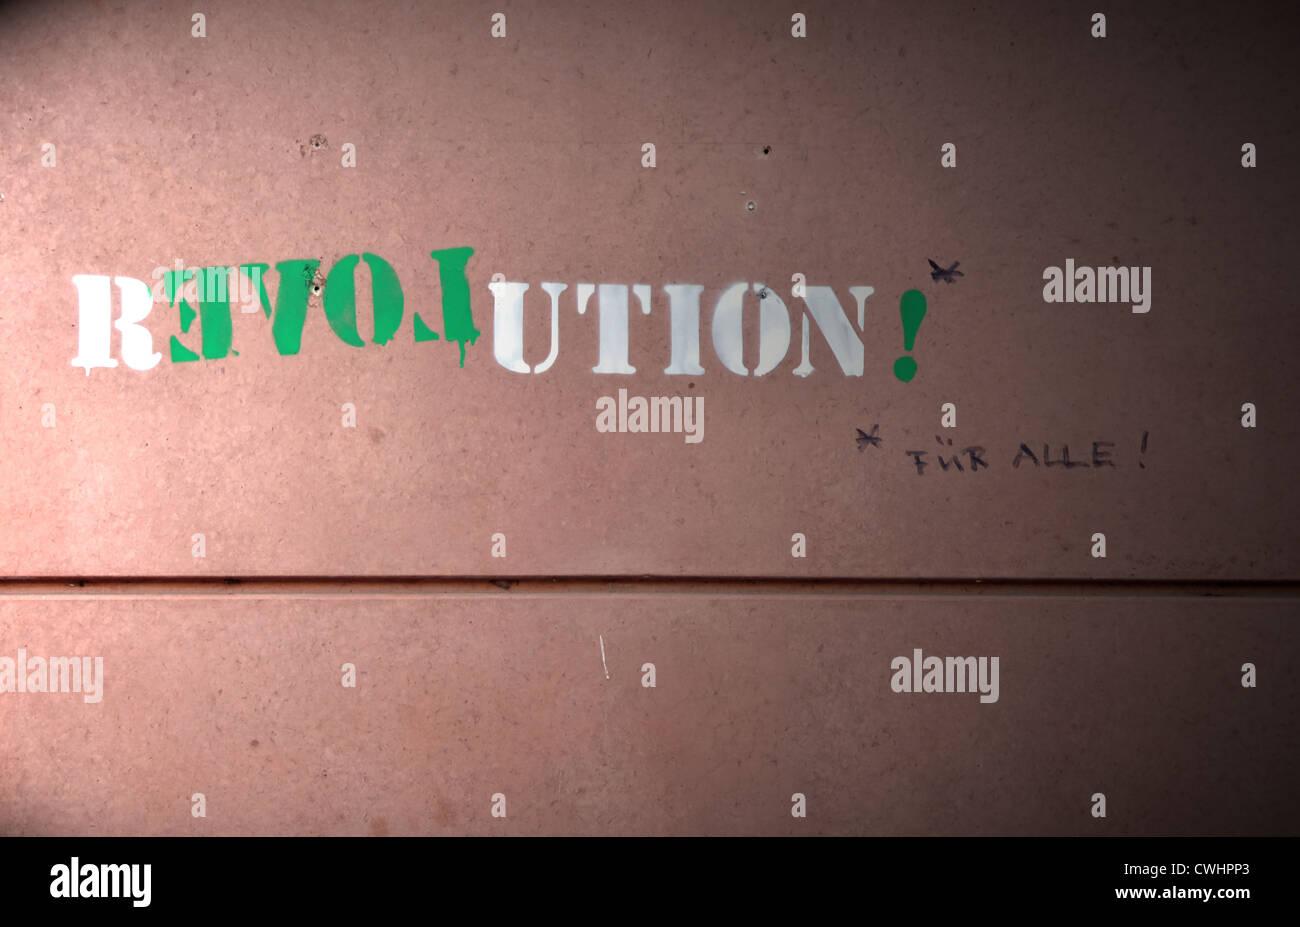 La scrittura,cultura giovanile,dichiarazione,streetart,rivoluzione Immagini Stock